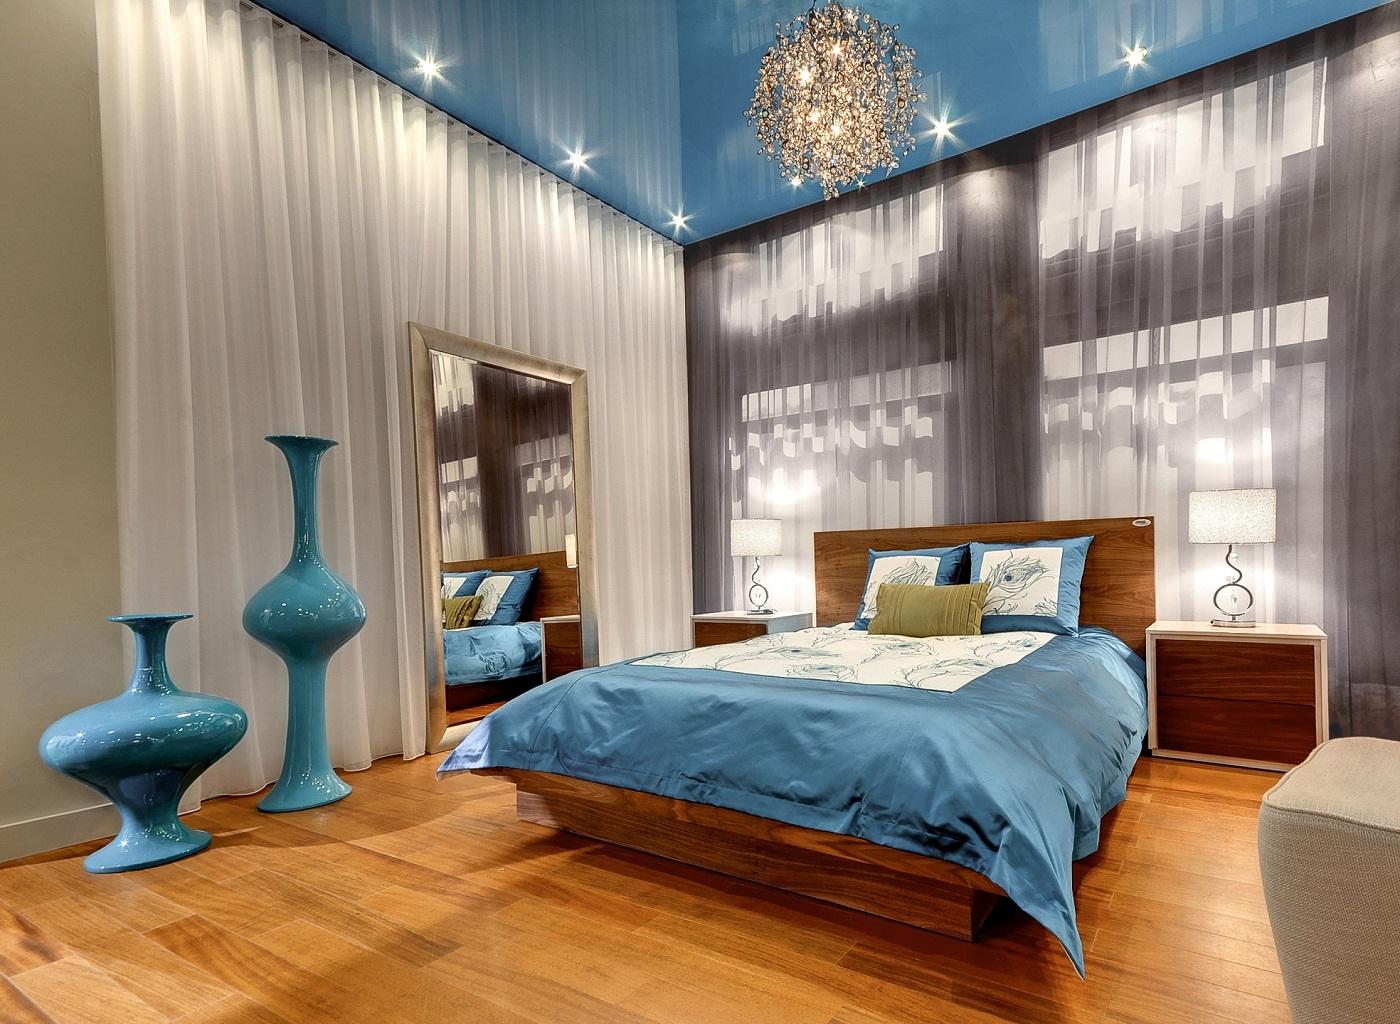 Les enjeux de l'éclairage en décoration d'intérieur